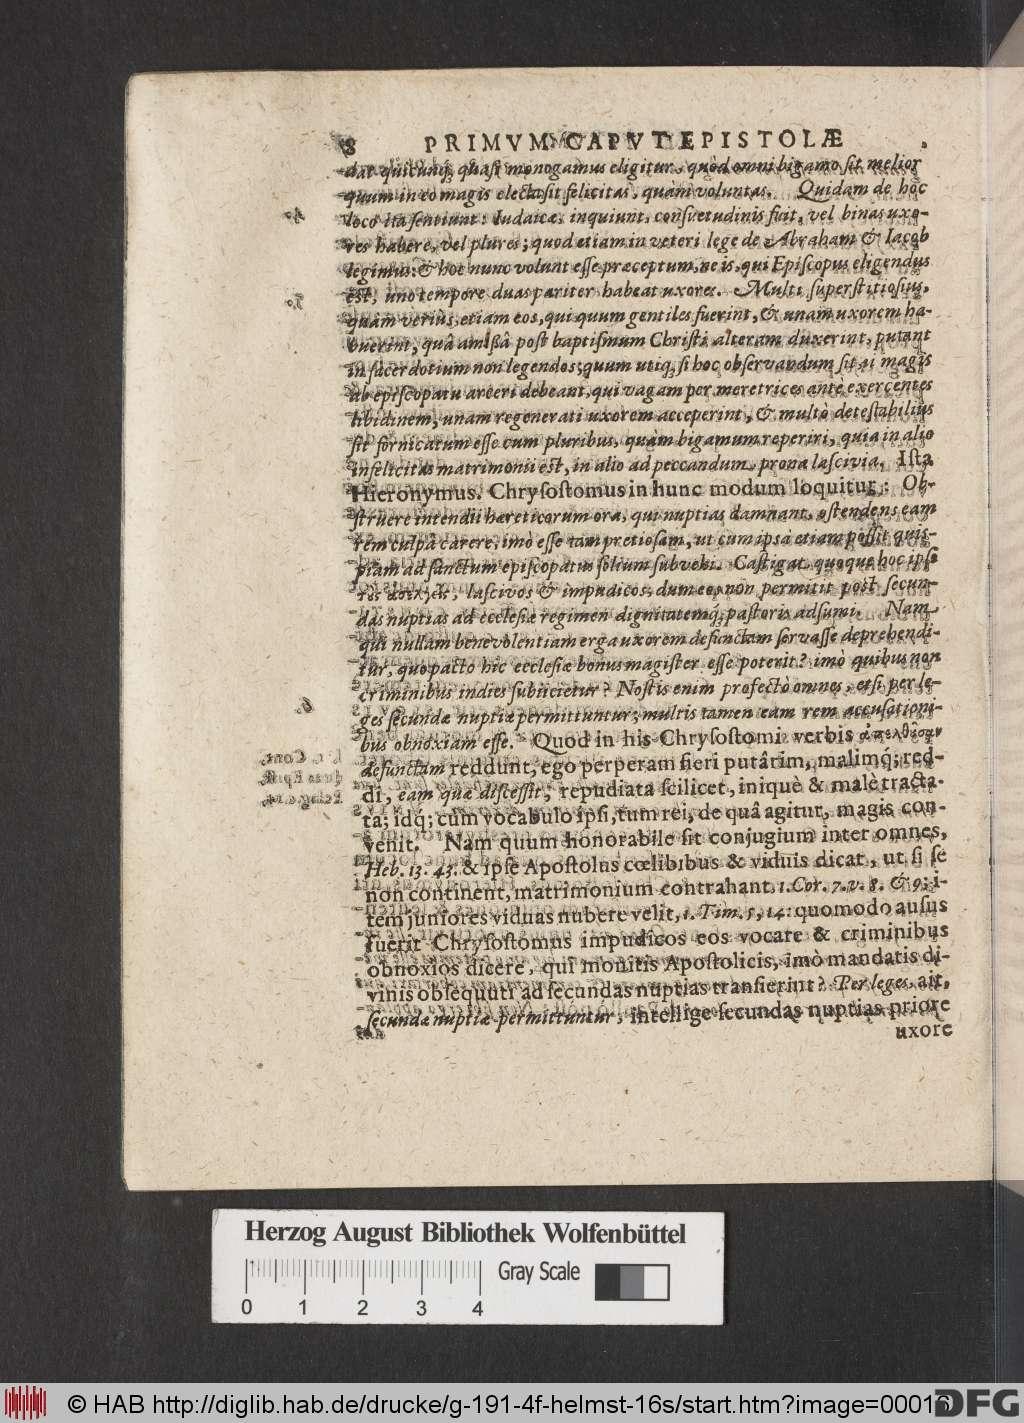 http://diglib.hab.de/drucke/g-191-4f-helmst-16s/00016.jpg